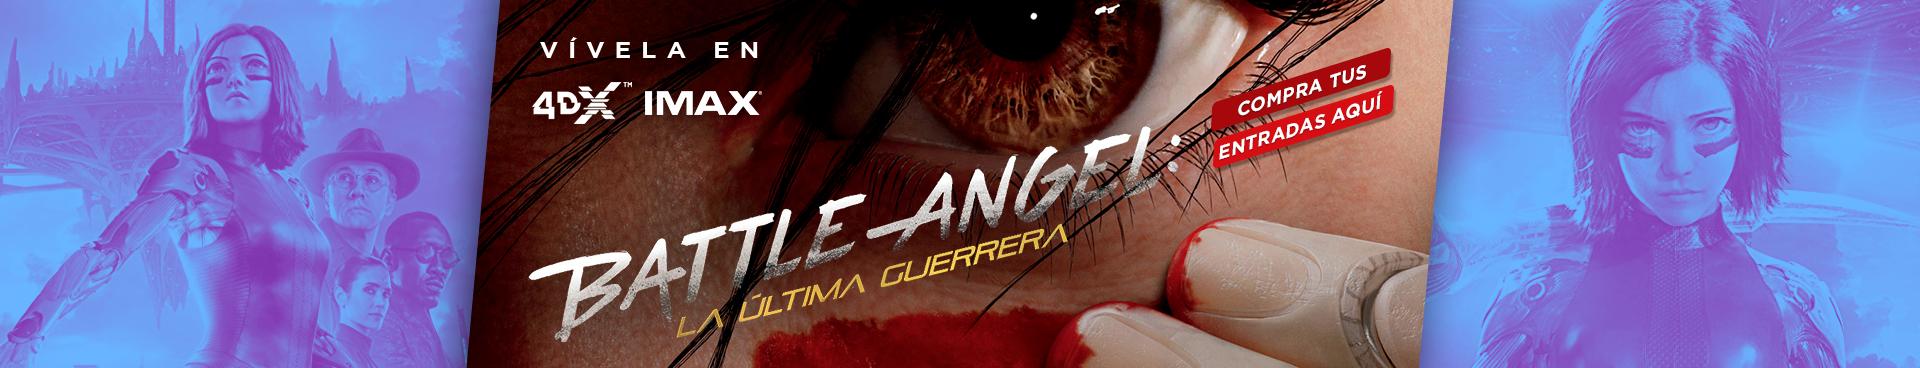 BATTLE ANGEL: LA ULTIMA GUERRERA, VIVELA EN IMAX Y 4DX, COMPRA TUS ENTRADAS AQUÍ